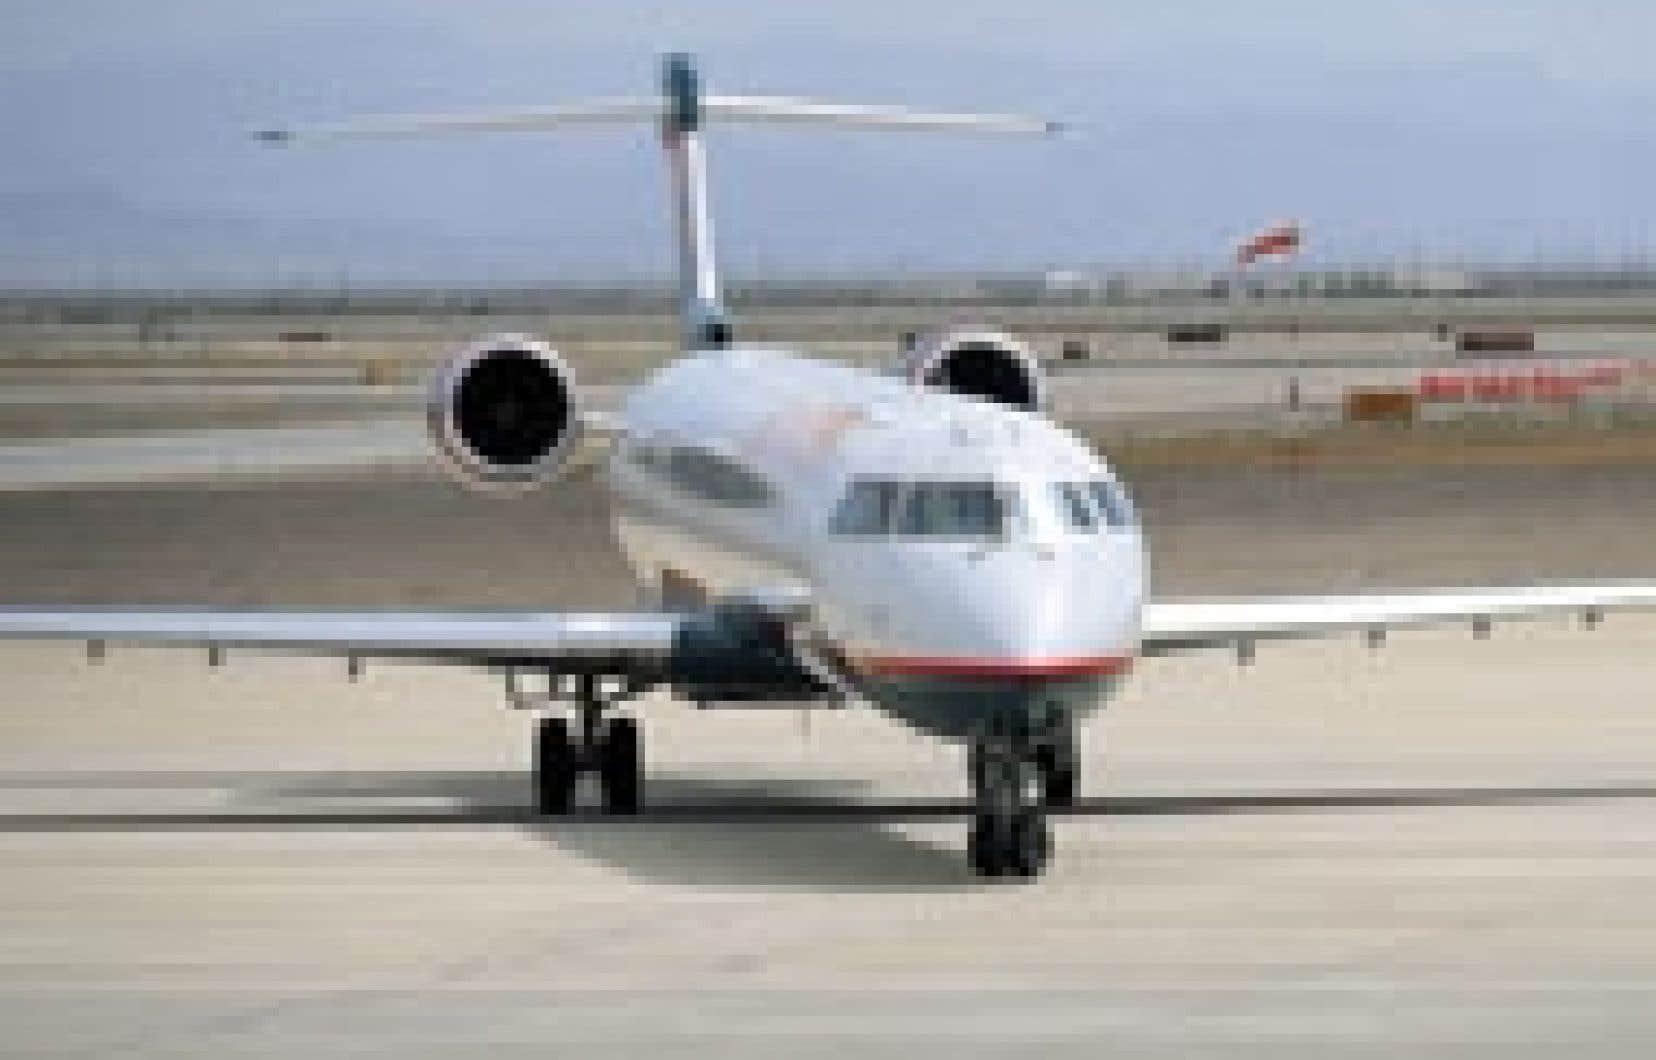 Cette commande de 19 CRJ900 de My Way Airlines pourrait apporter un peu de baume à Bombardier Aéronautique dont les revenus sont passés de 1,96 milliard $US au deuxième trimestre de l'exercice précédent à 1,89 milliard $US cette année. - Bombar